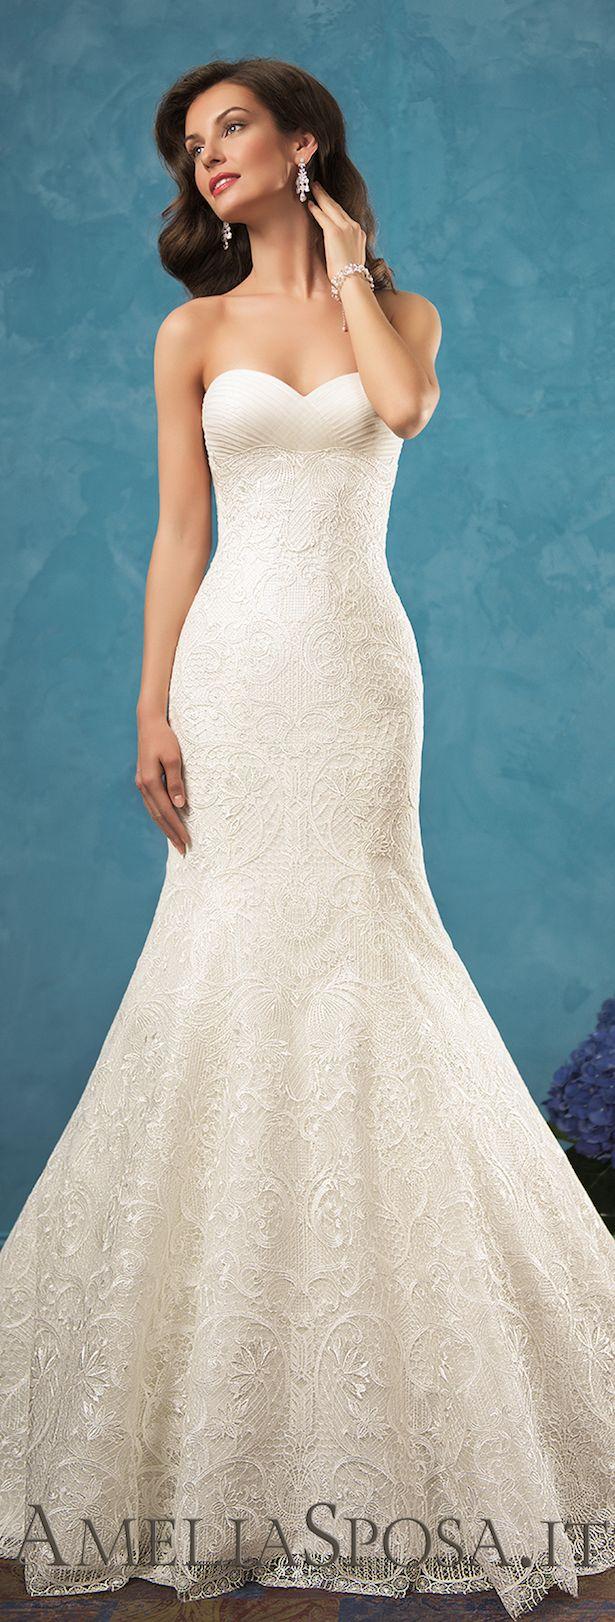 50 Fabulous Sweetheart Wedding Dresses   Amelia sposa, Sweetheart ...